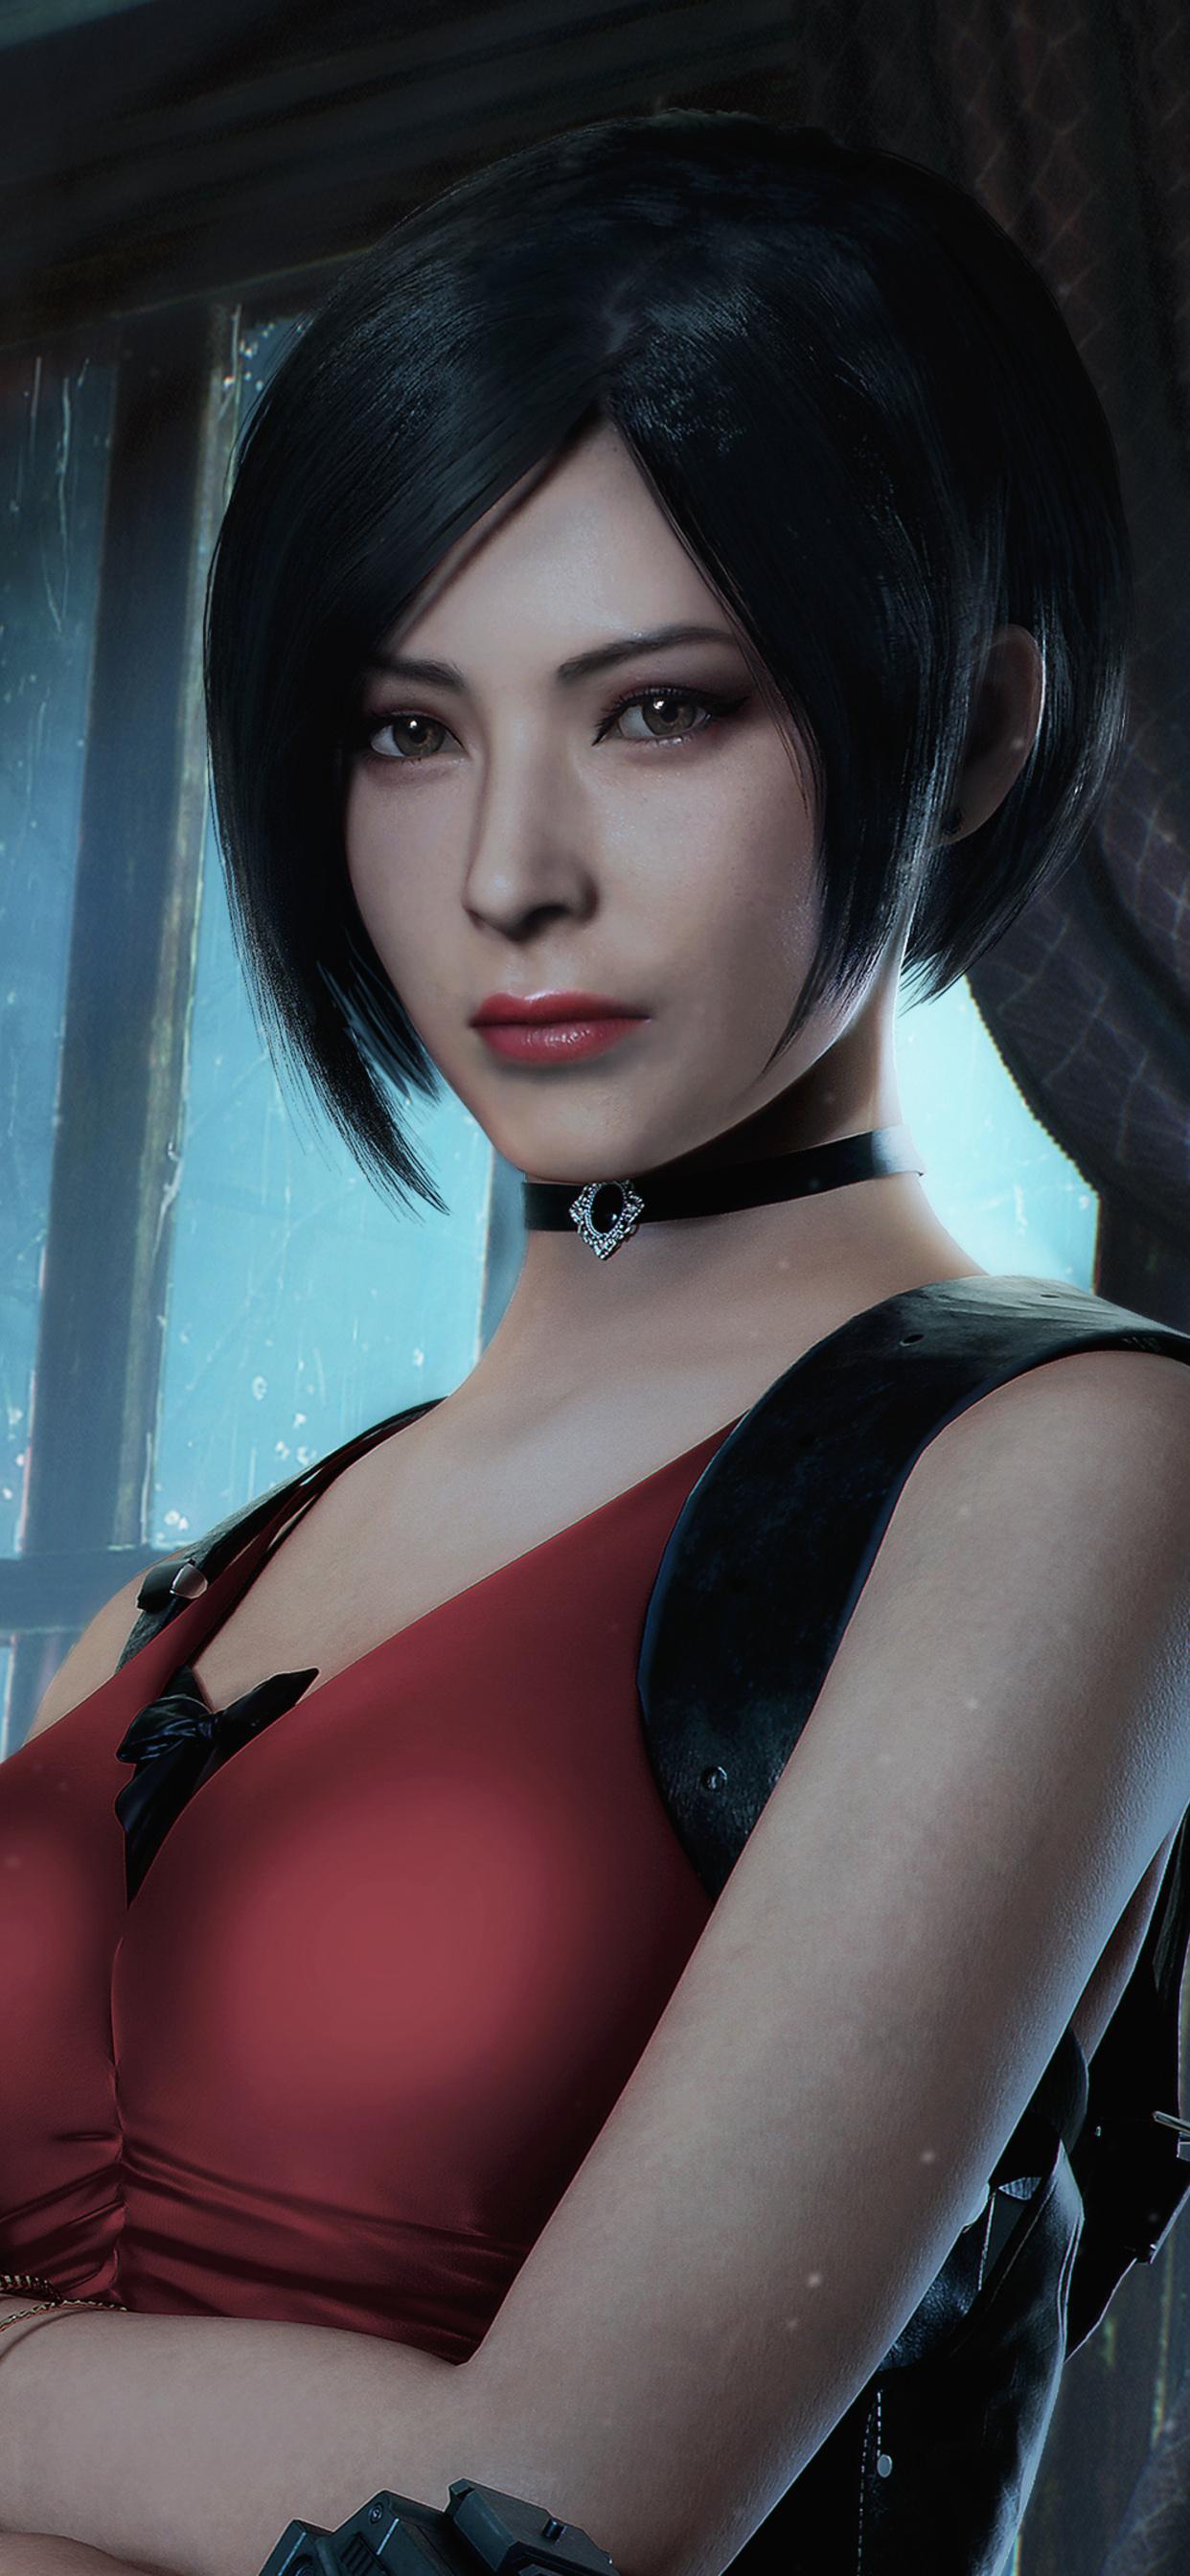 #303808 Ada Wong, Resident Evil 2, Remake, 4K wallpaper